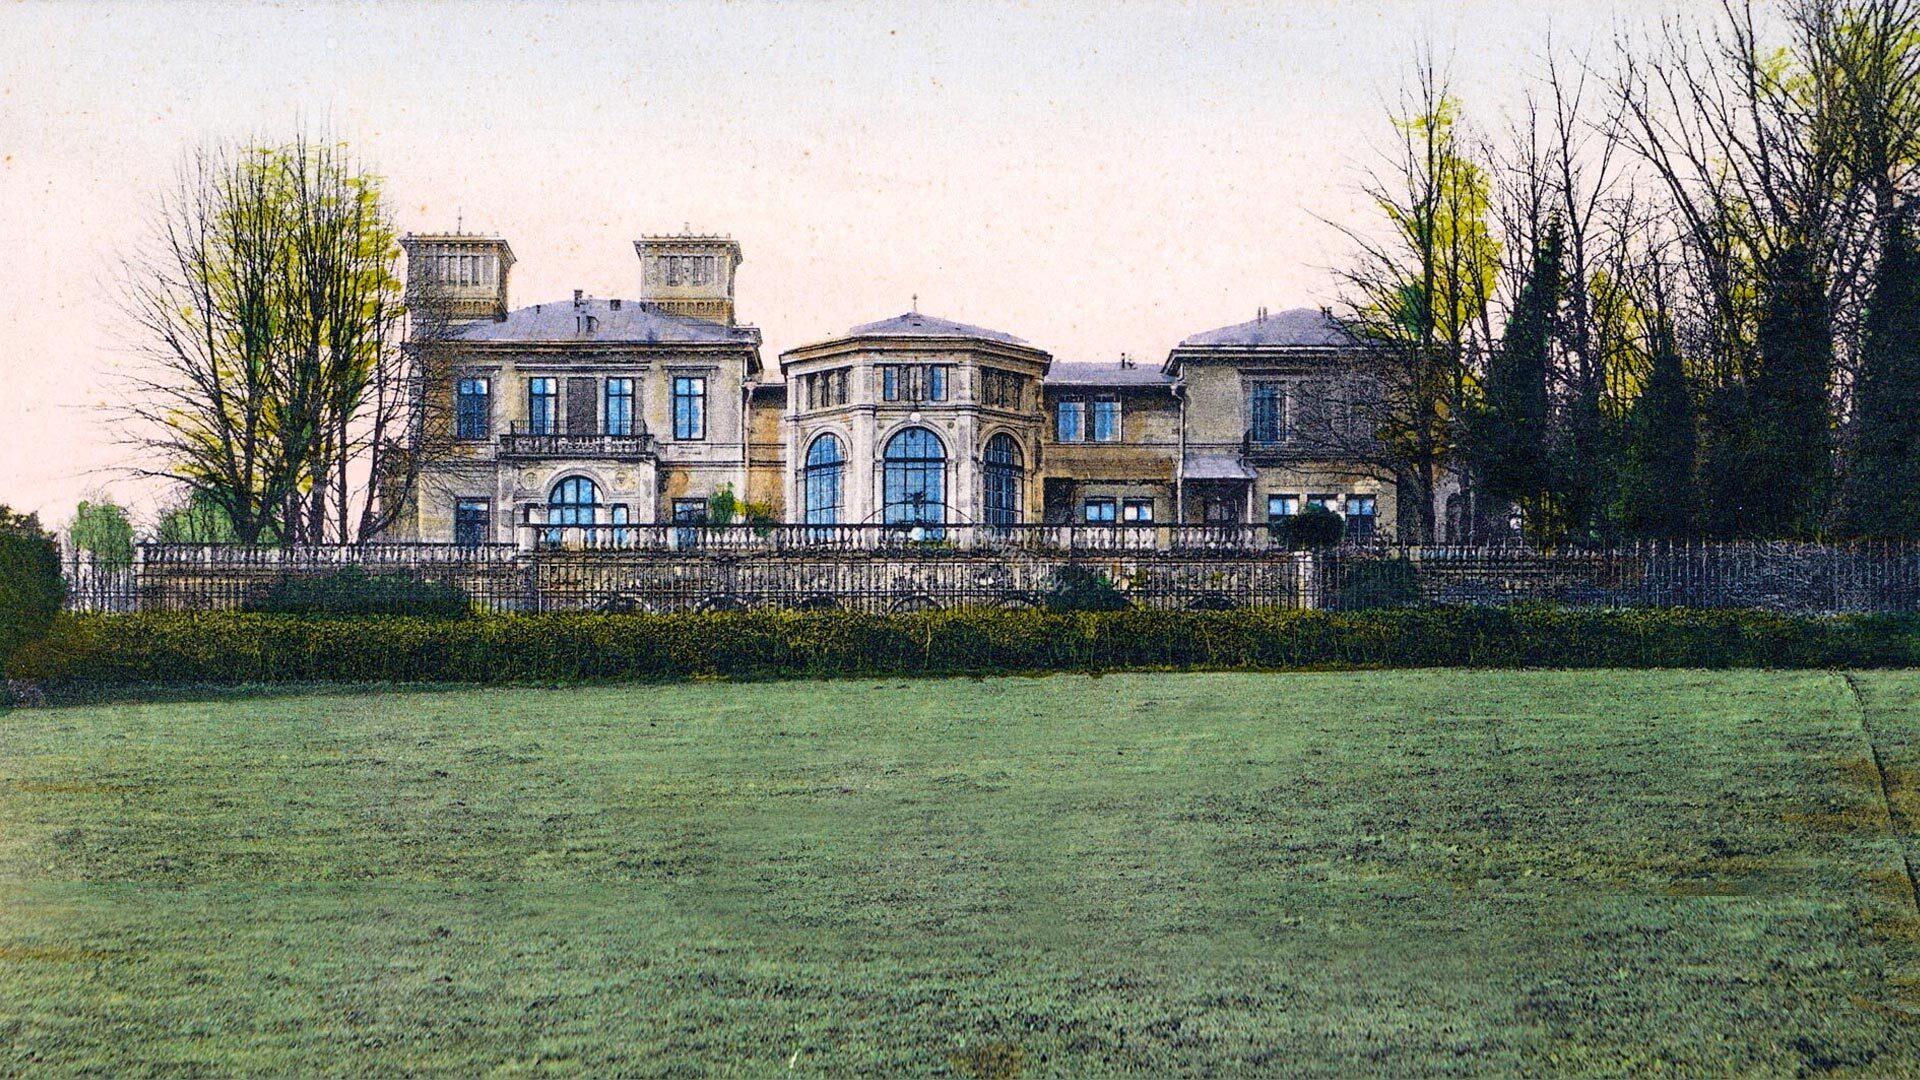 Pałac Potockich w Krzeszowicach na starych zdjęciach. Tak kiedyś wyglądał